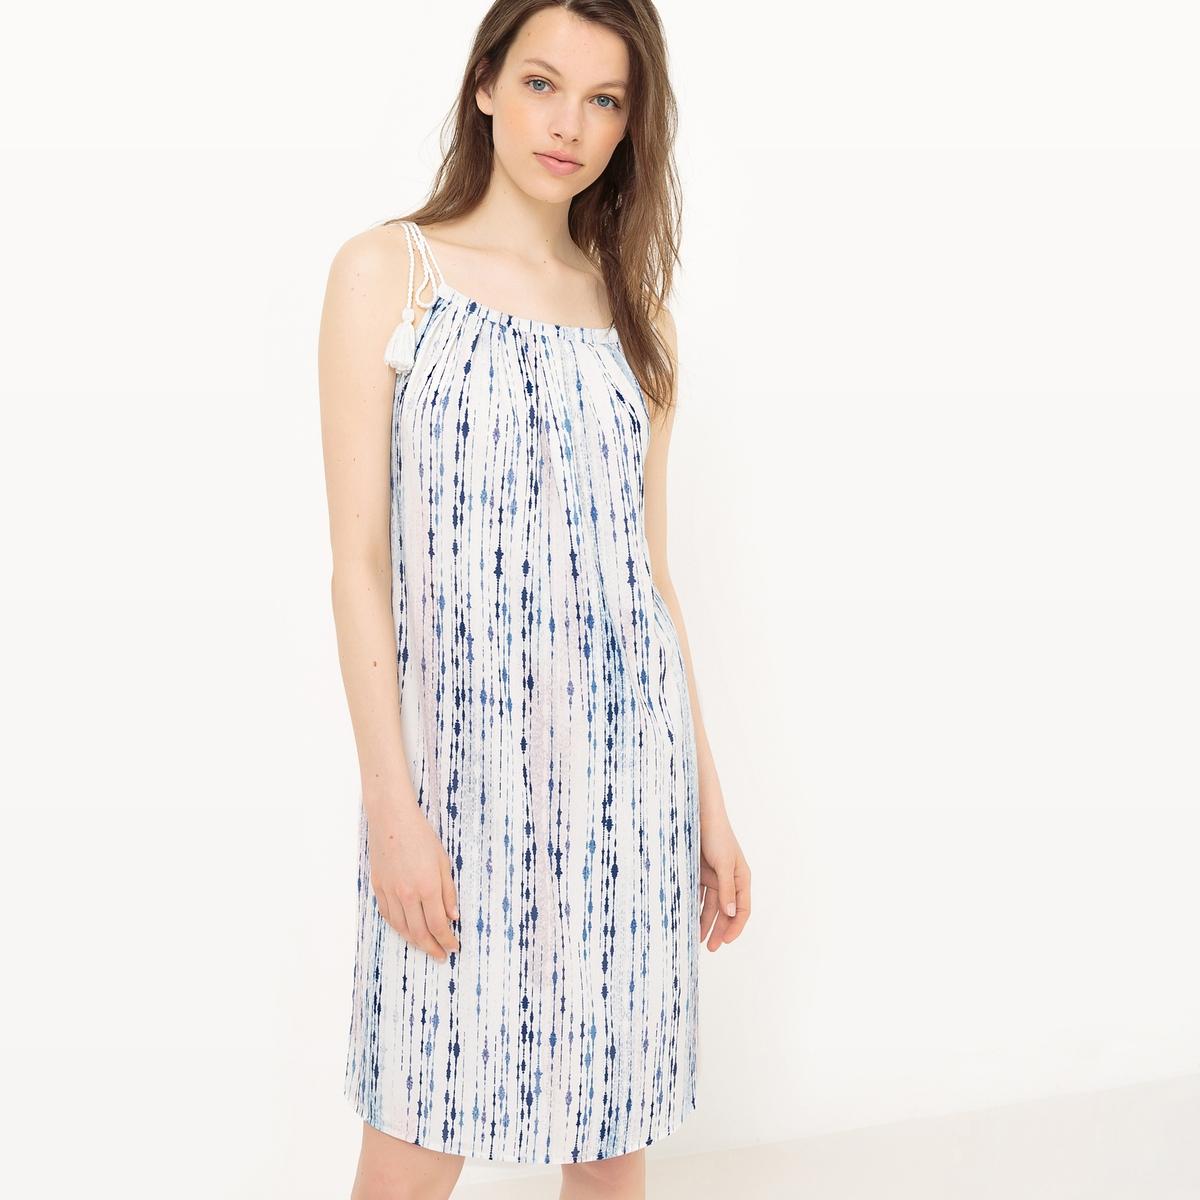 Платье короткое с тонкими бретелямиМатериал : 5% эластана, 95% полиэстера  Длина рукава : тонкие бретели  Форма воротника : V-образный вырез Покрой платья : платье прямого покроя    Рисунок : принт   Длина платья : короткое<br><br>Цвет: белый/ синий<br>Размер: L